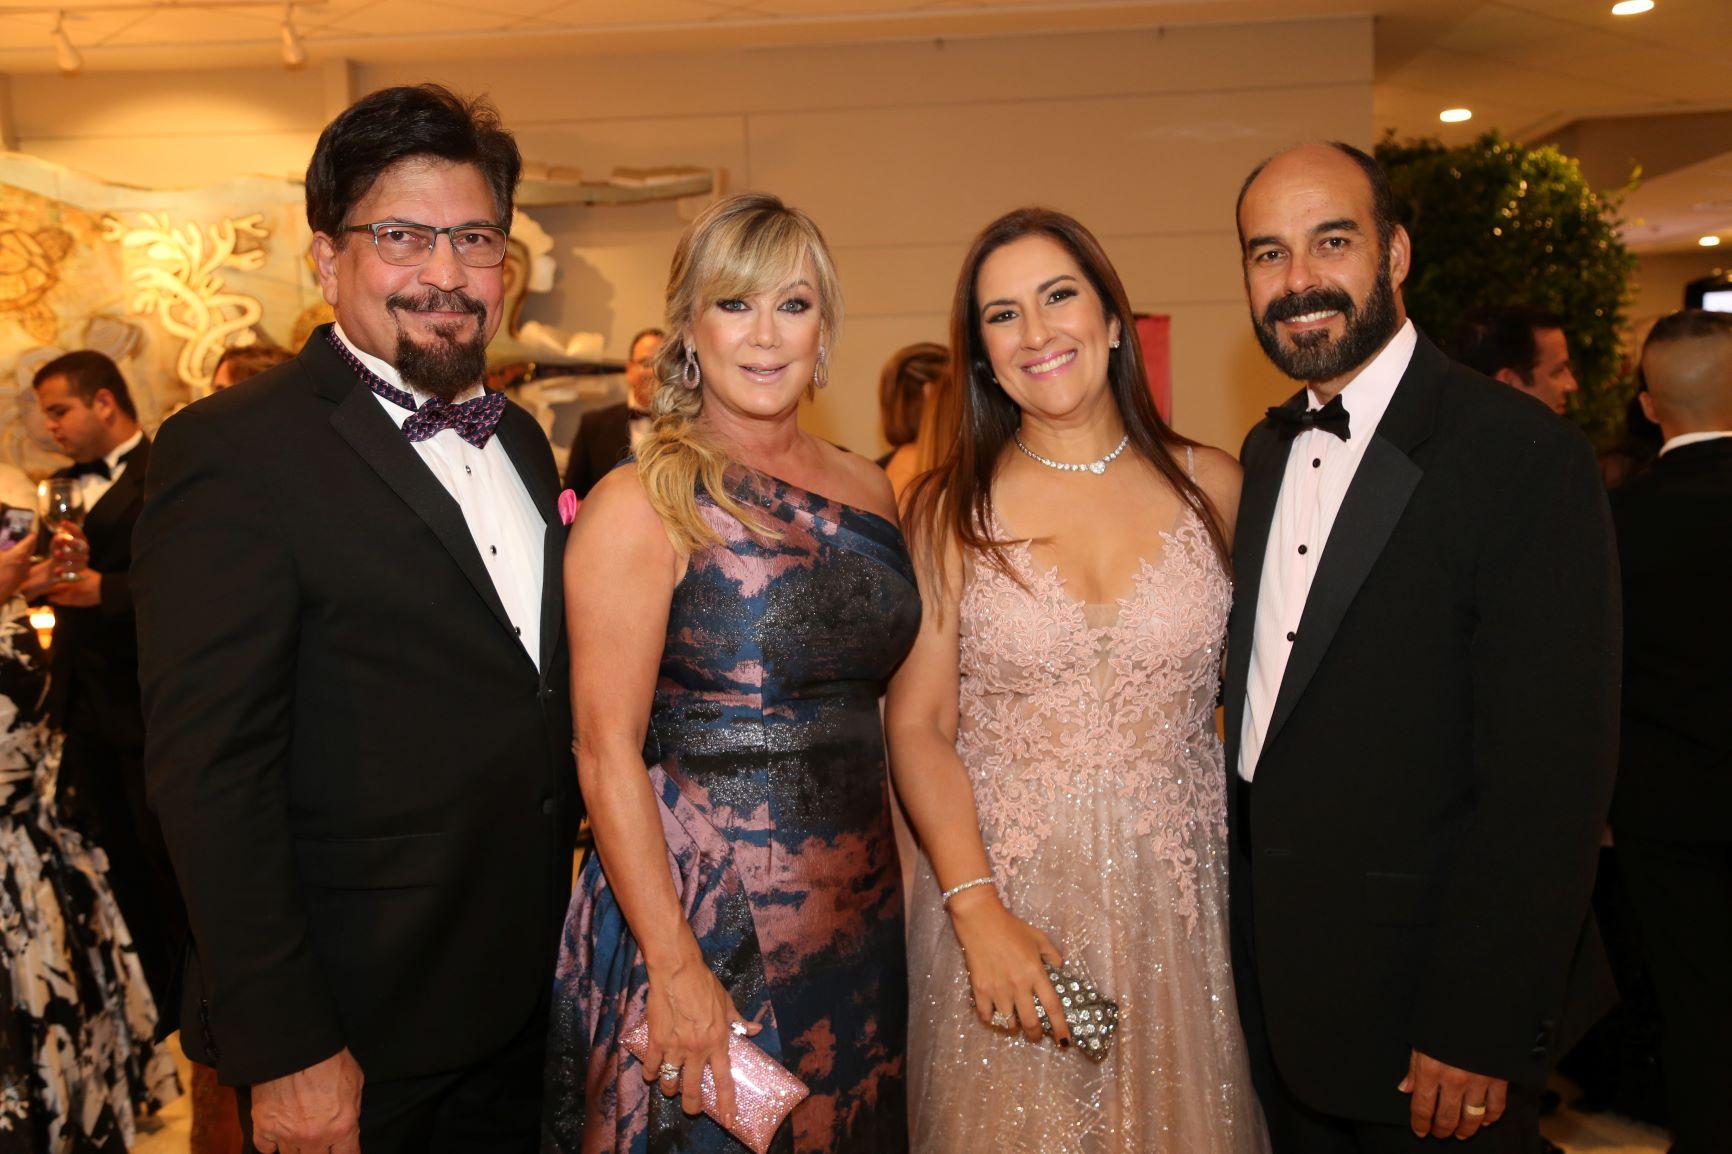 Carlos y Marie Portocarrero, Eva Cruz y David Soler (Nichole Saldarriaga)